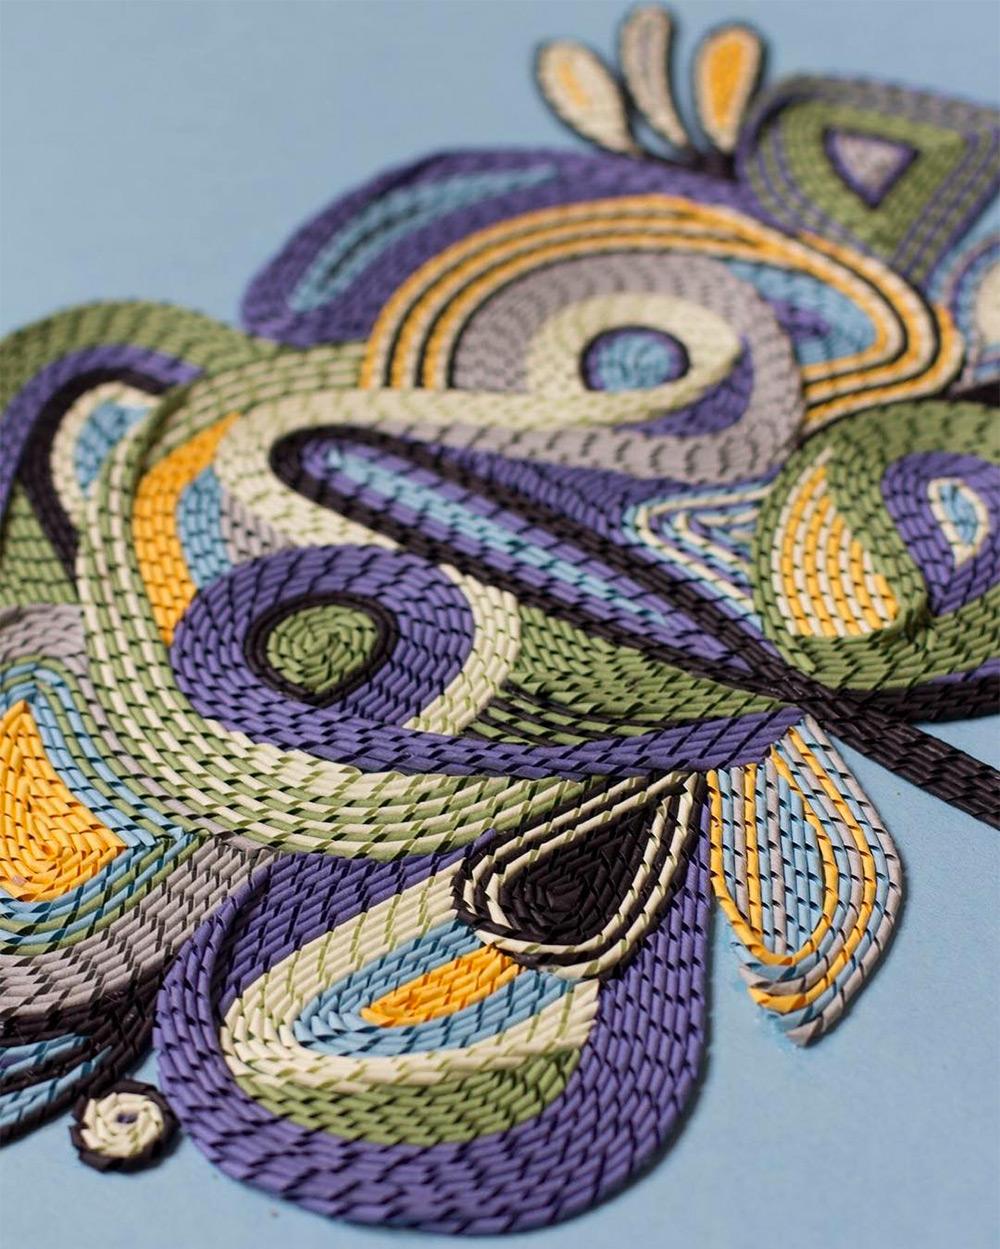 Невероятная техника плетения из бумаги: затейливые гобелены от Гюнжан Айлавади